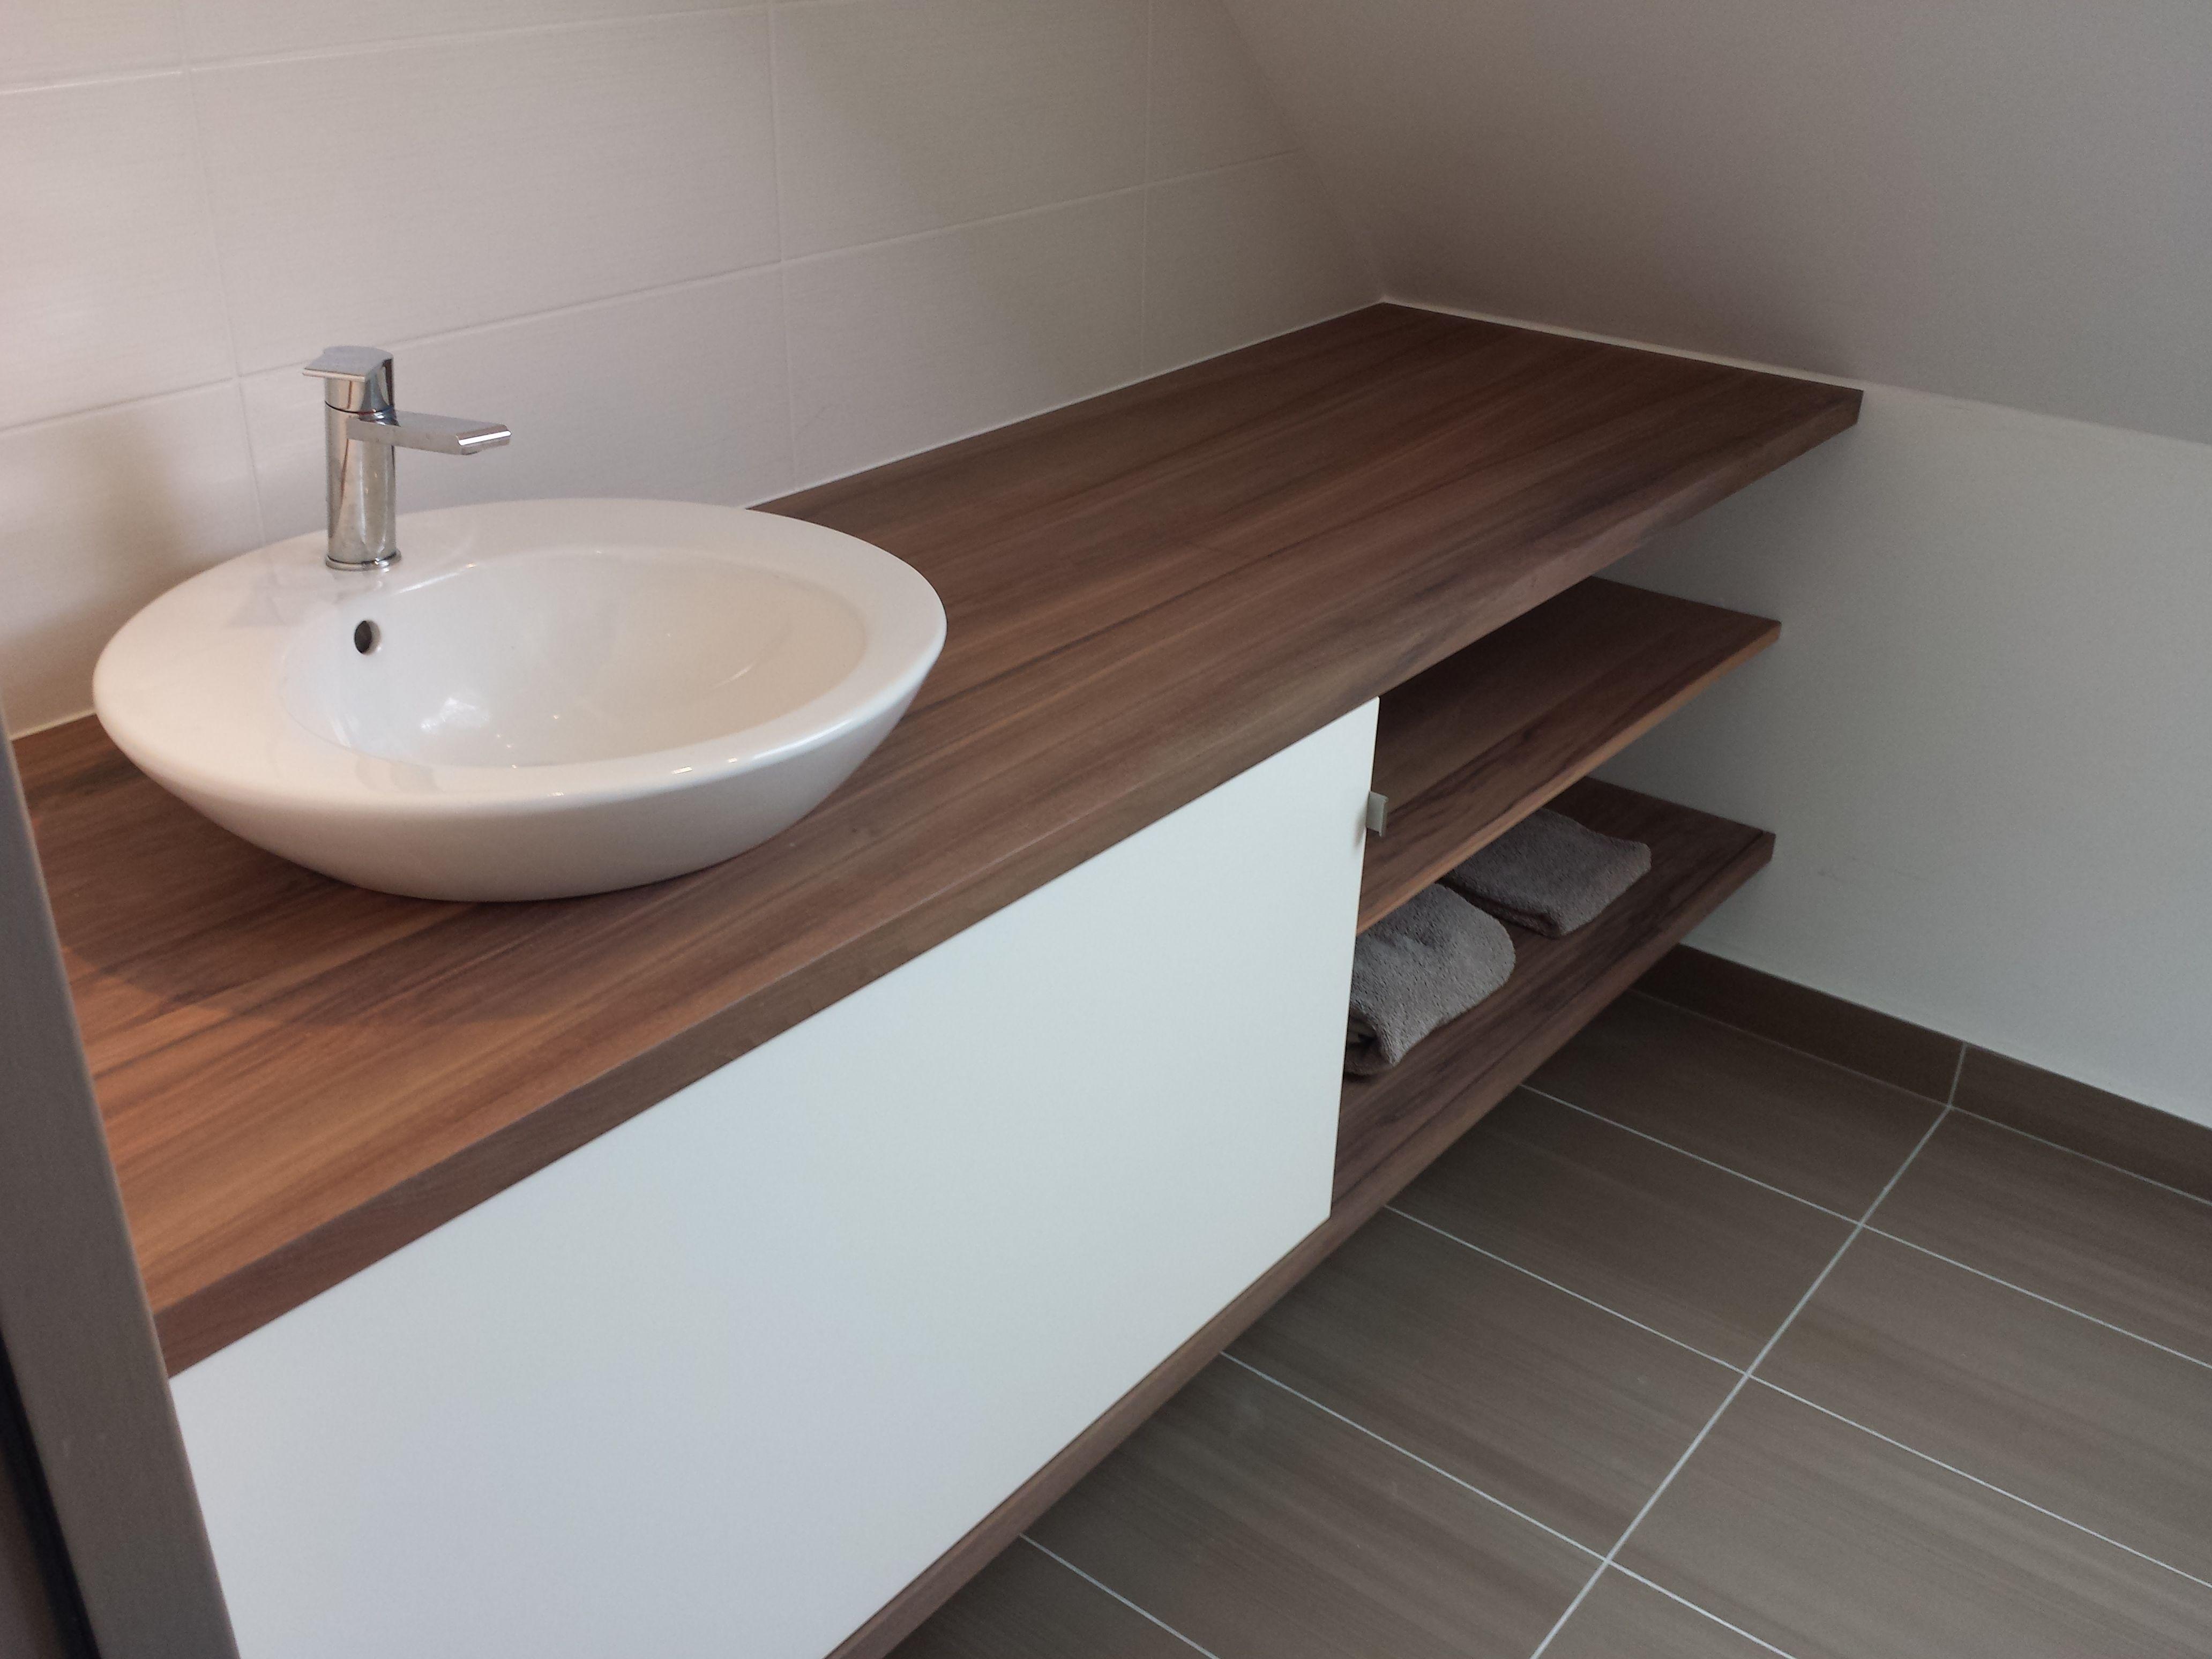 vasque semi-encastrée au plan de travail  Salle de bains studio